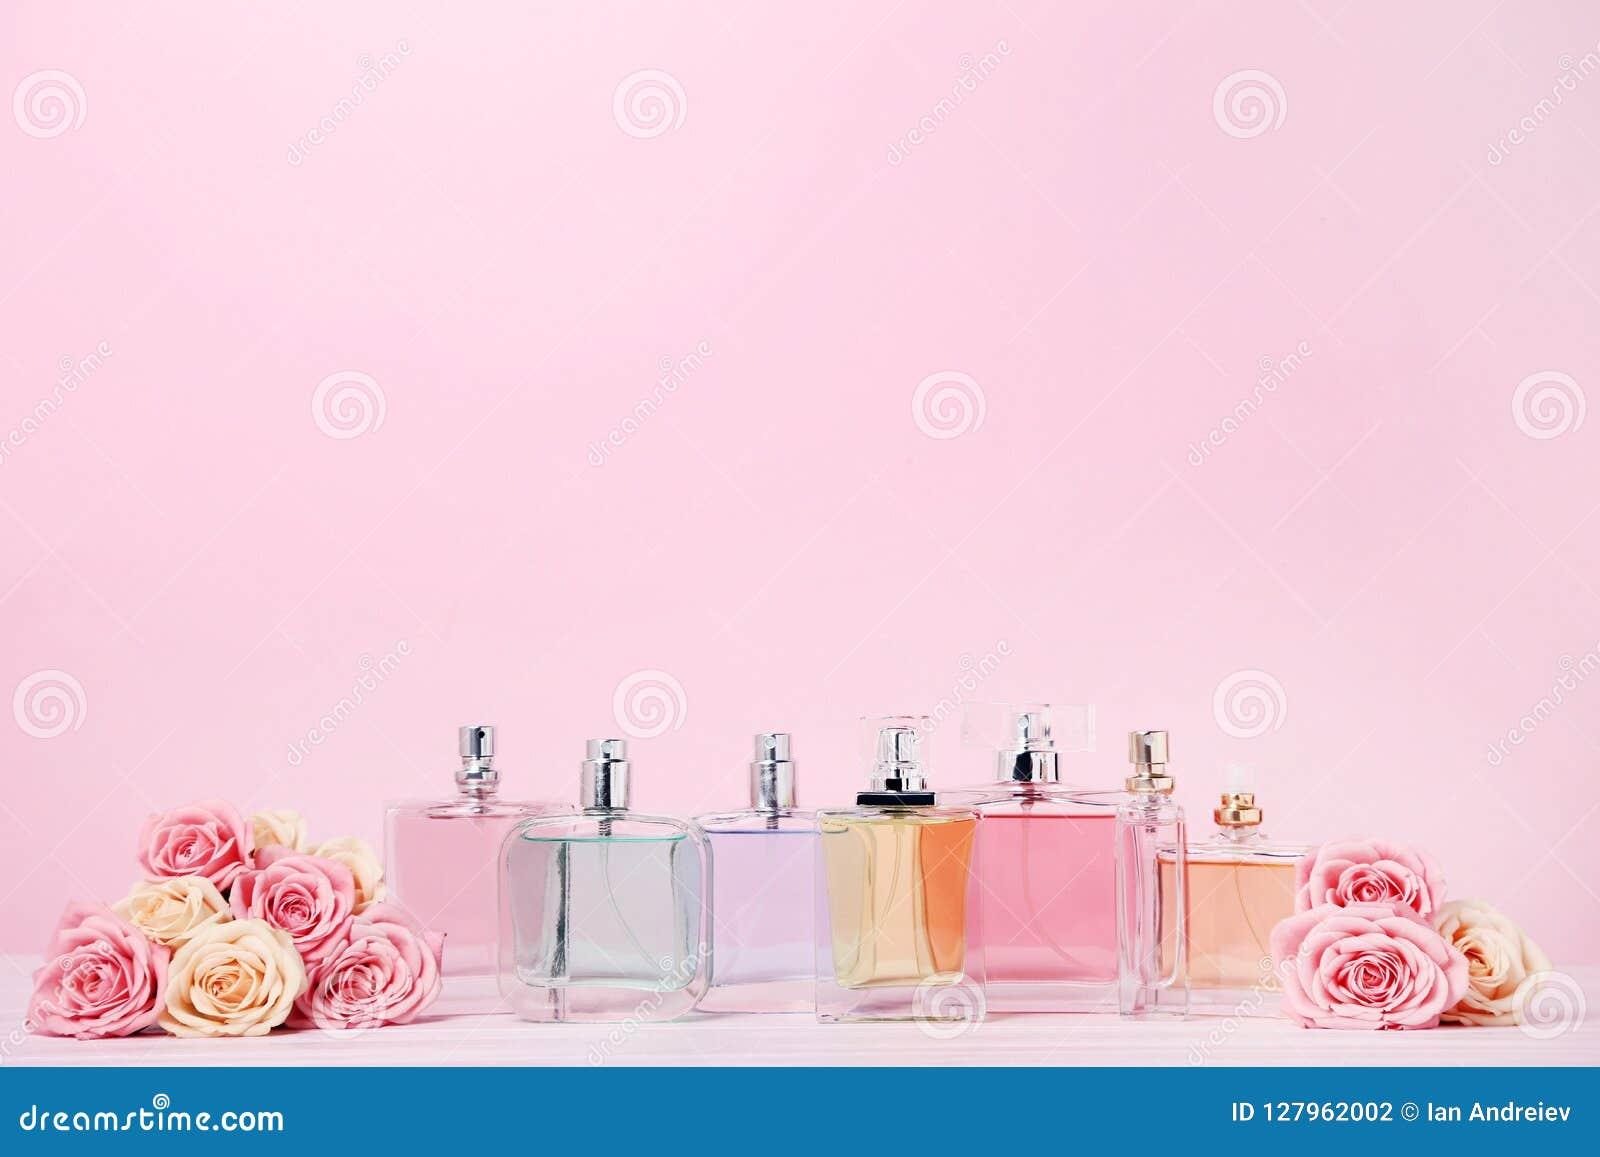 Pachnidło butelki z różami